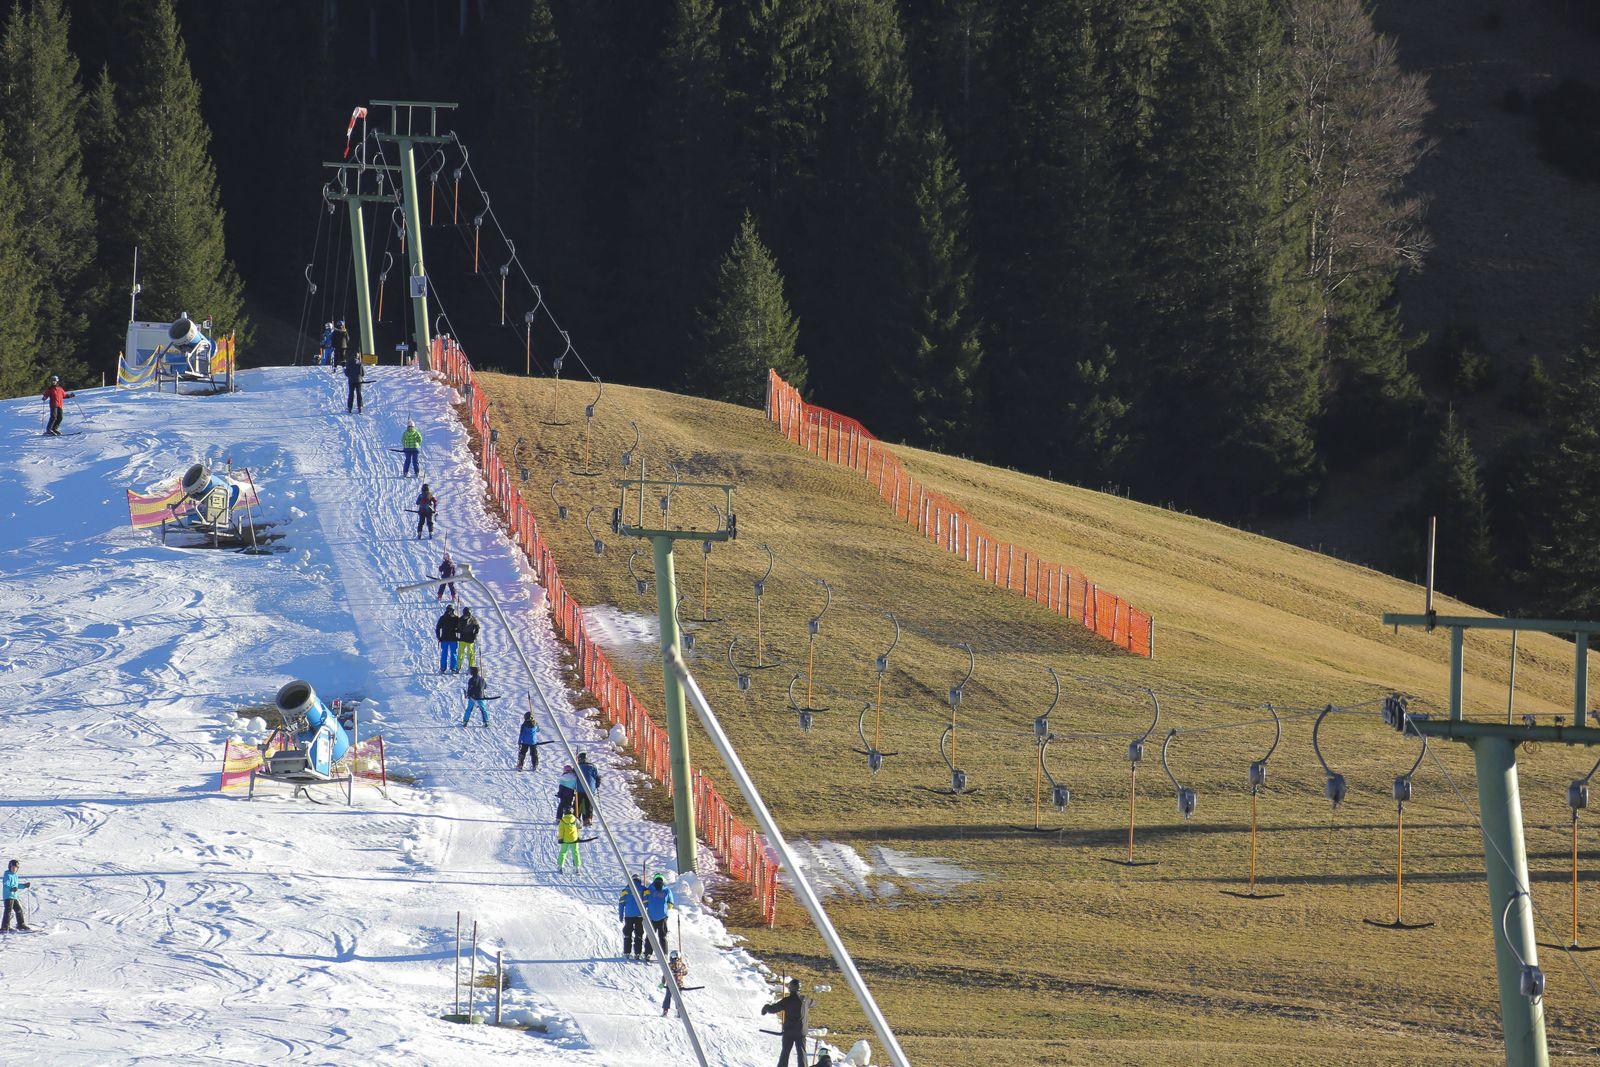 Wanderer Gleitschirmflieger und Skifahrer sind unterwegs bei warmen Temperaturen und Schneemangel t